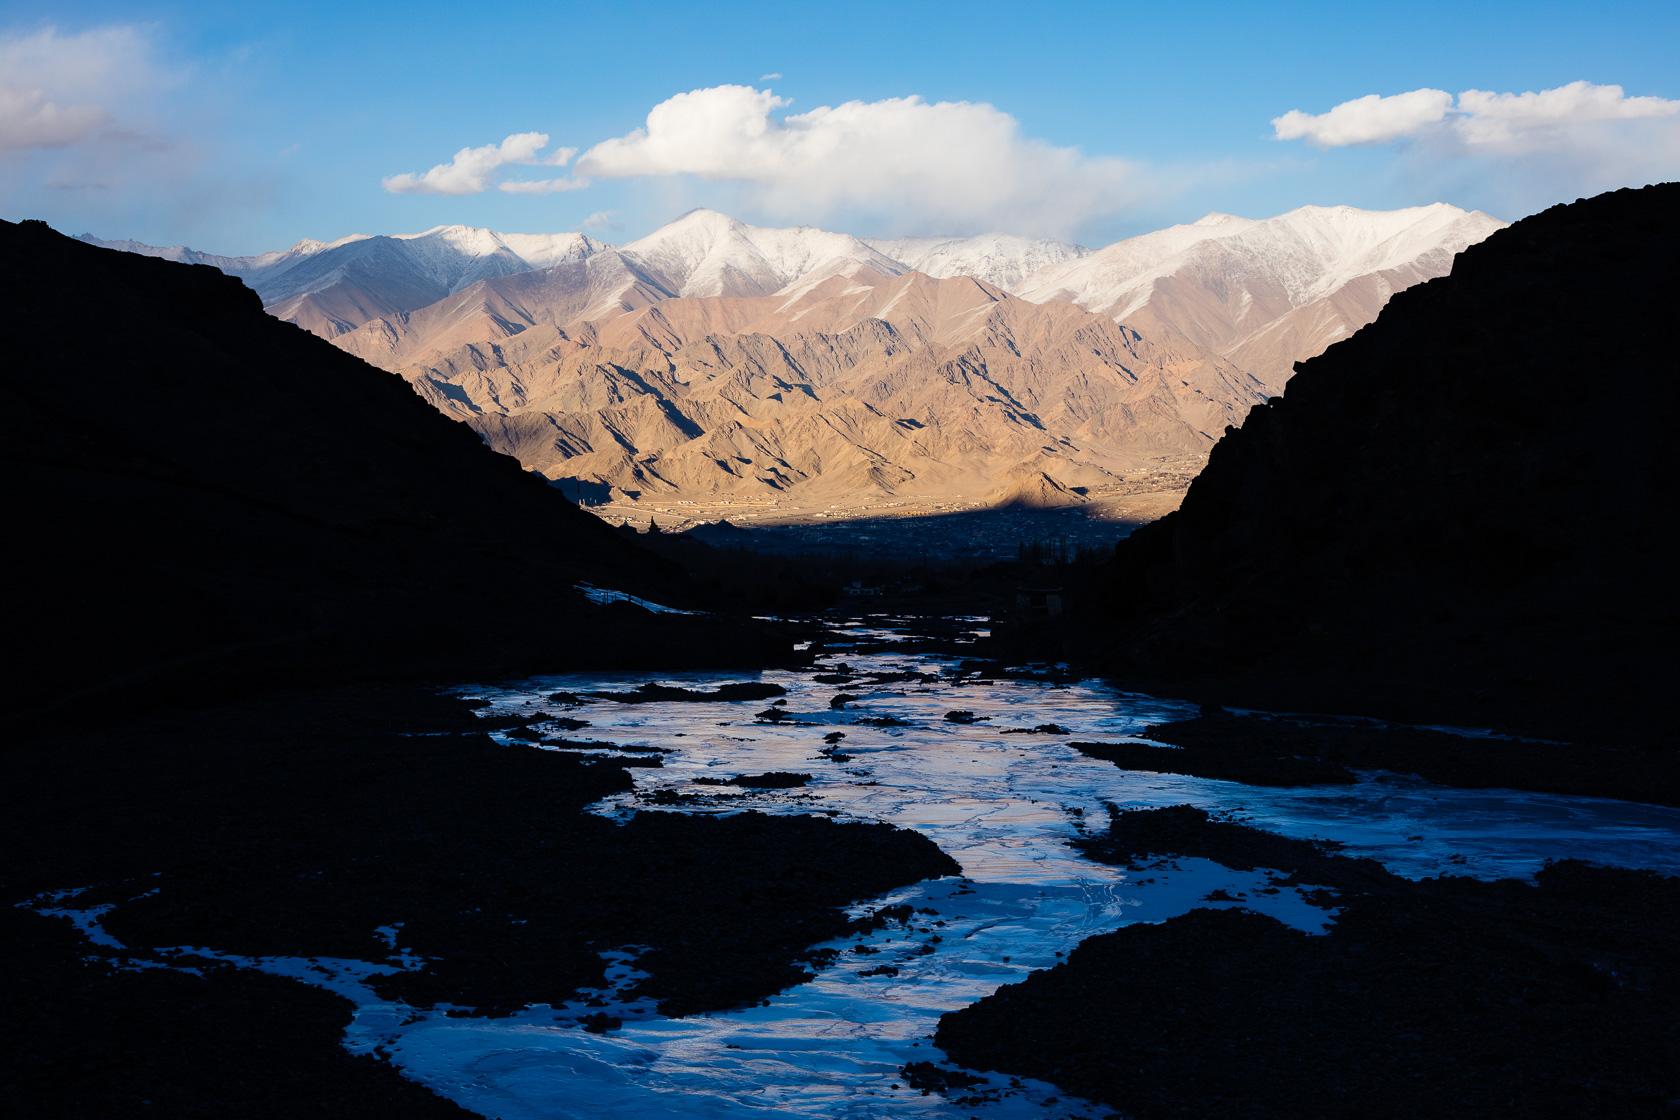 rivière de glace dans la vallée de Stok au Ladakh en Inde